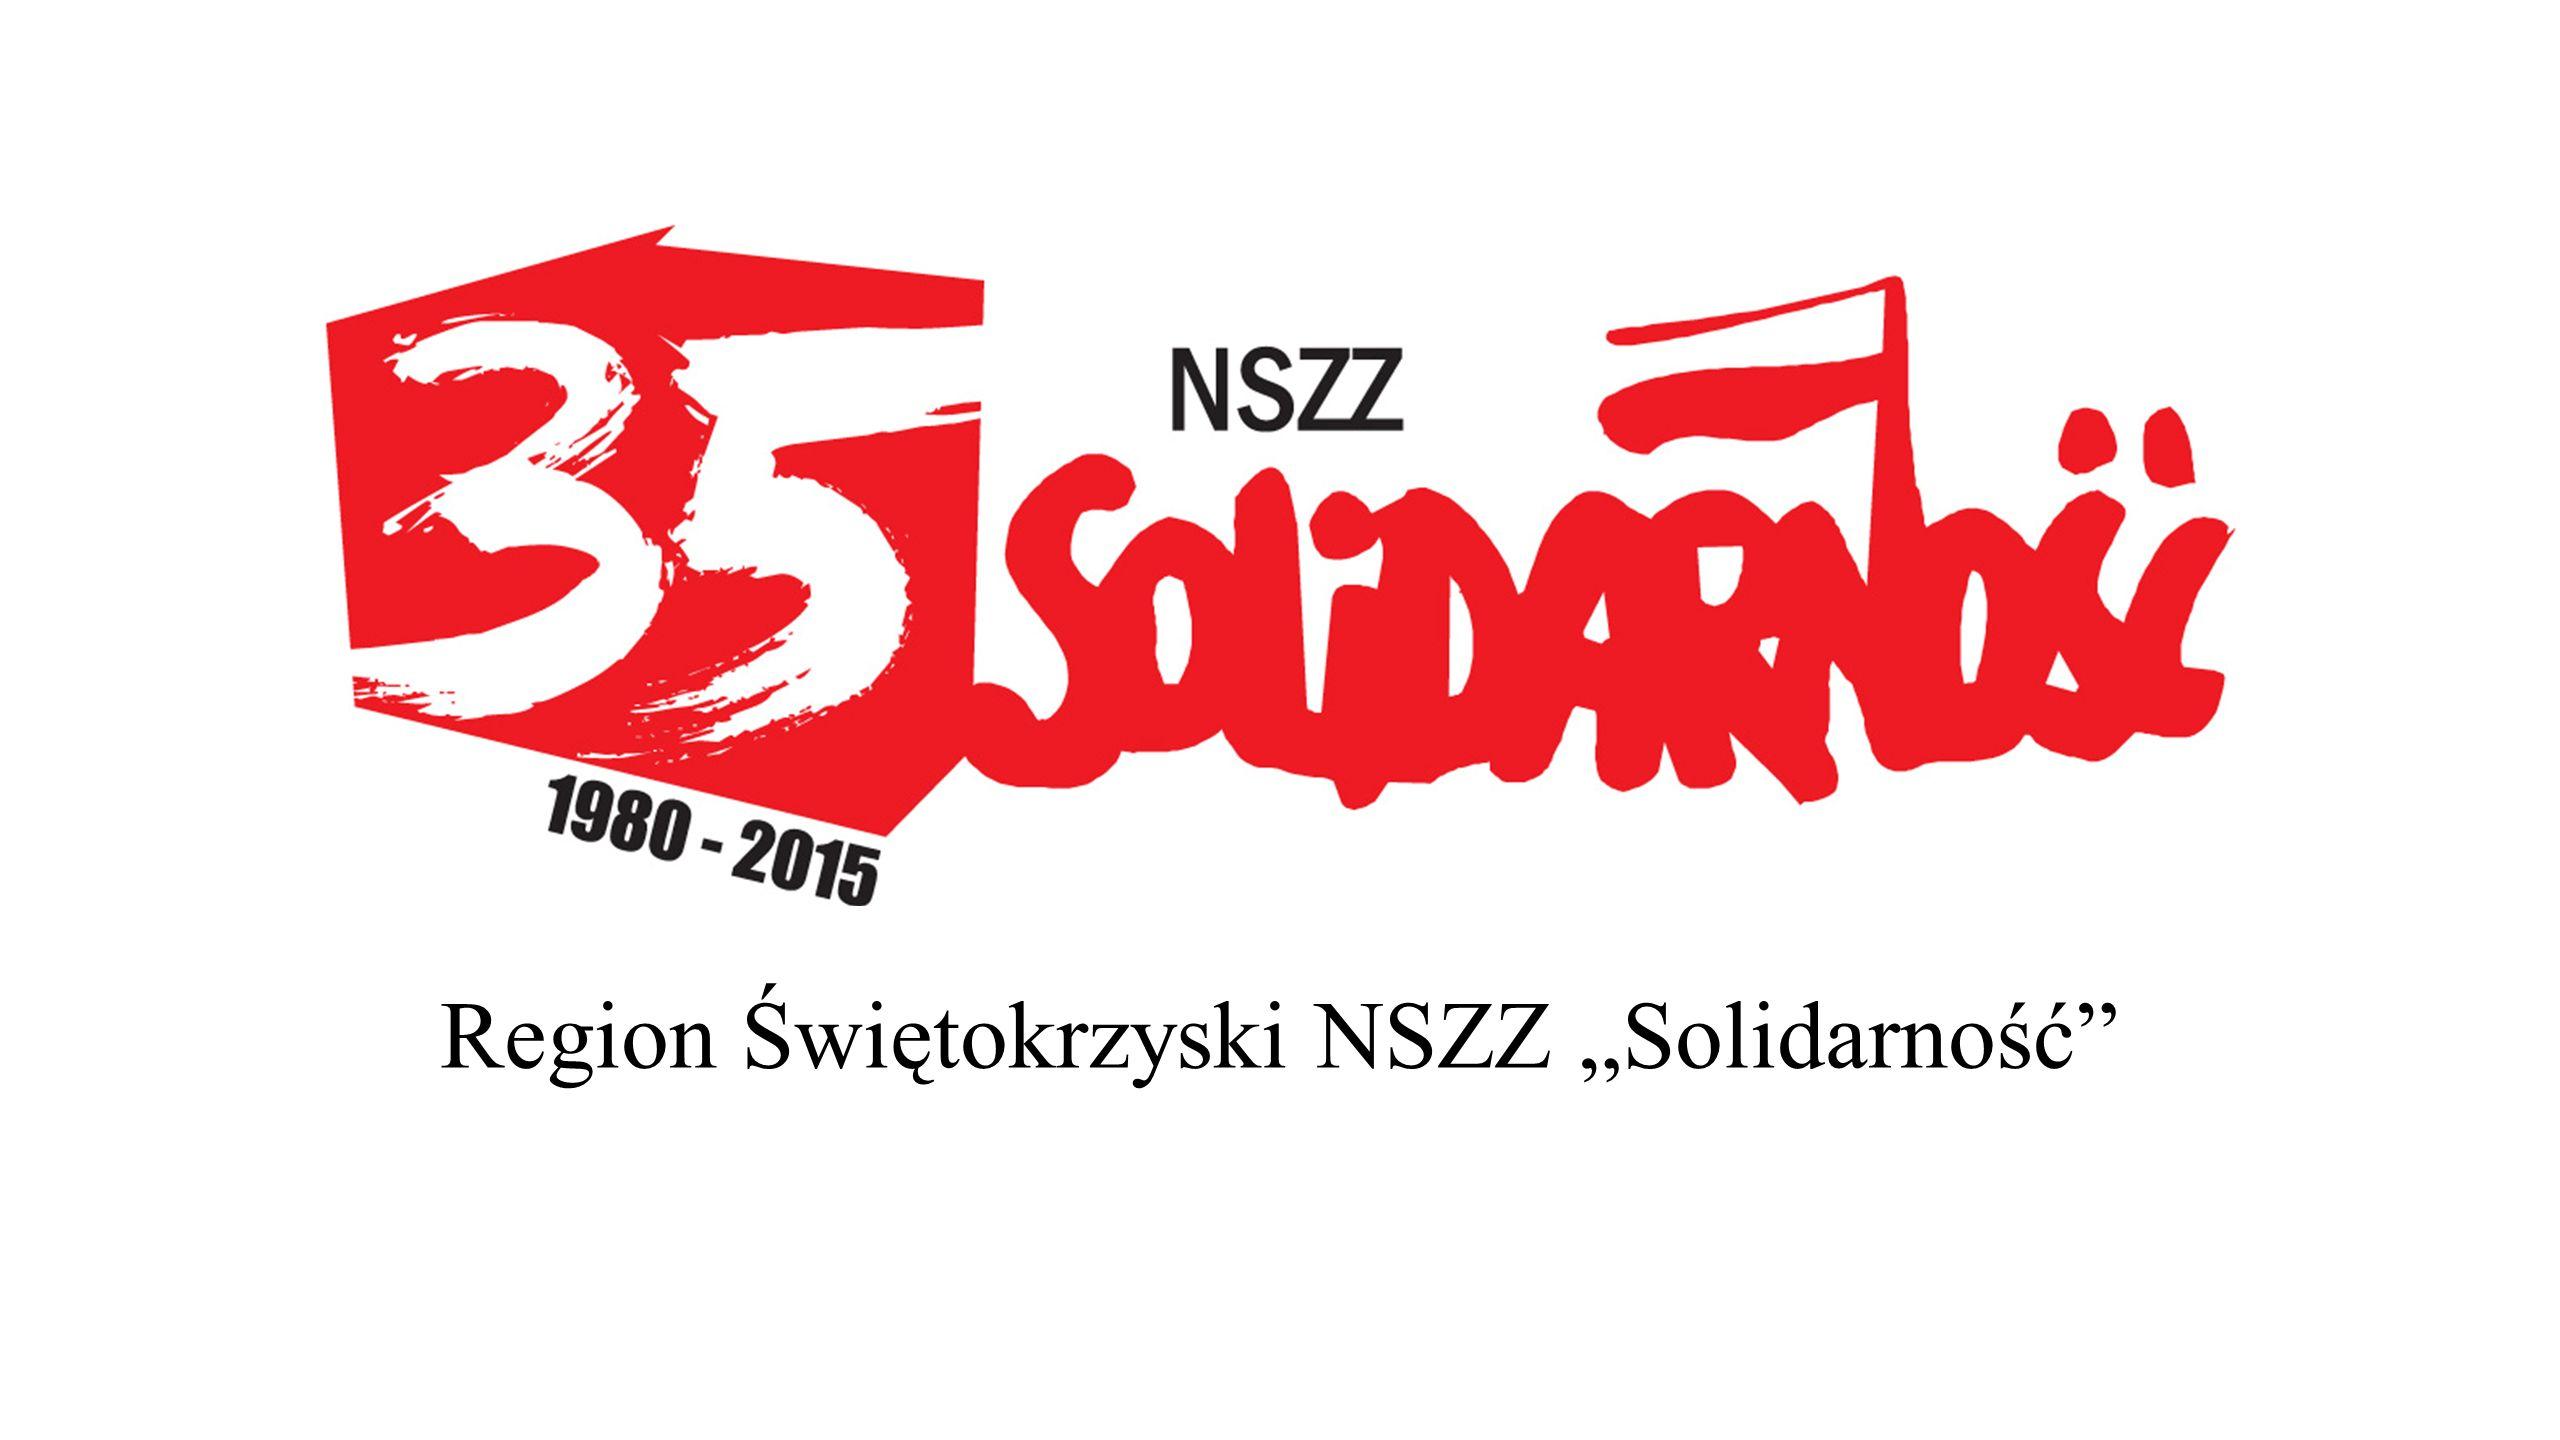 """Region Świętokrzyski NSZZ """"Solidarność"""